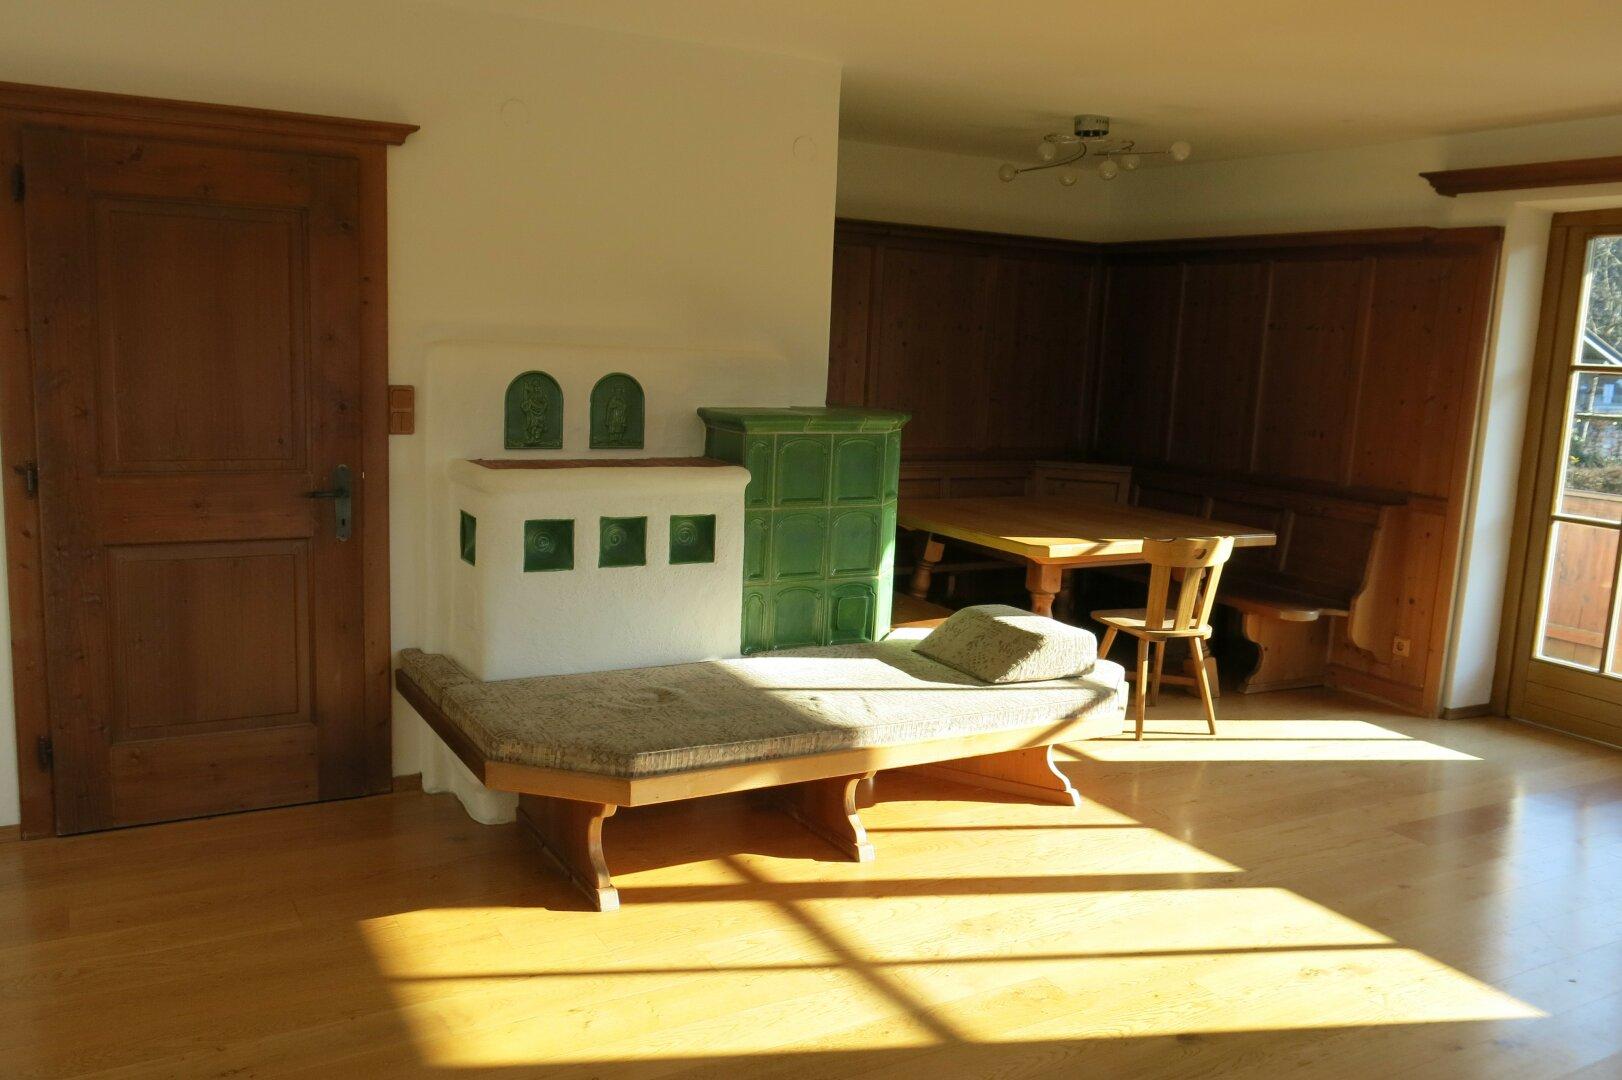 Mietwohnung/Büro Kufstein, Wohnzimmer mit Kachelofen